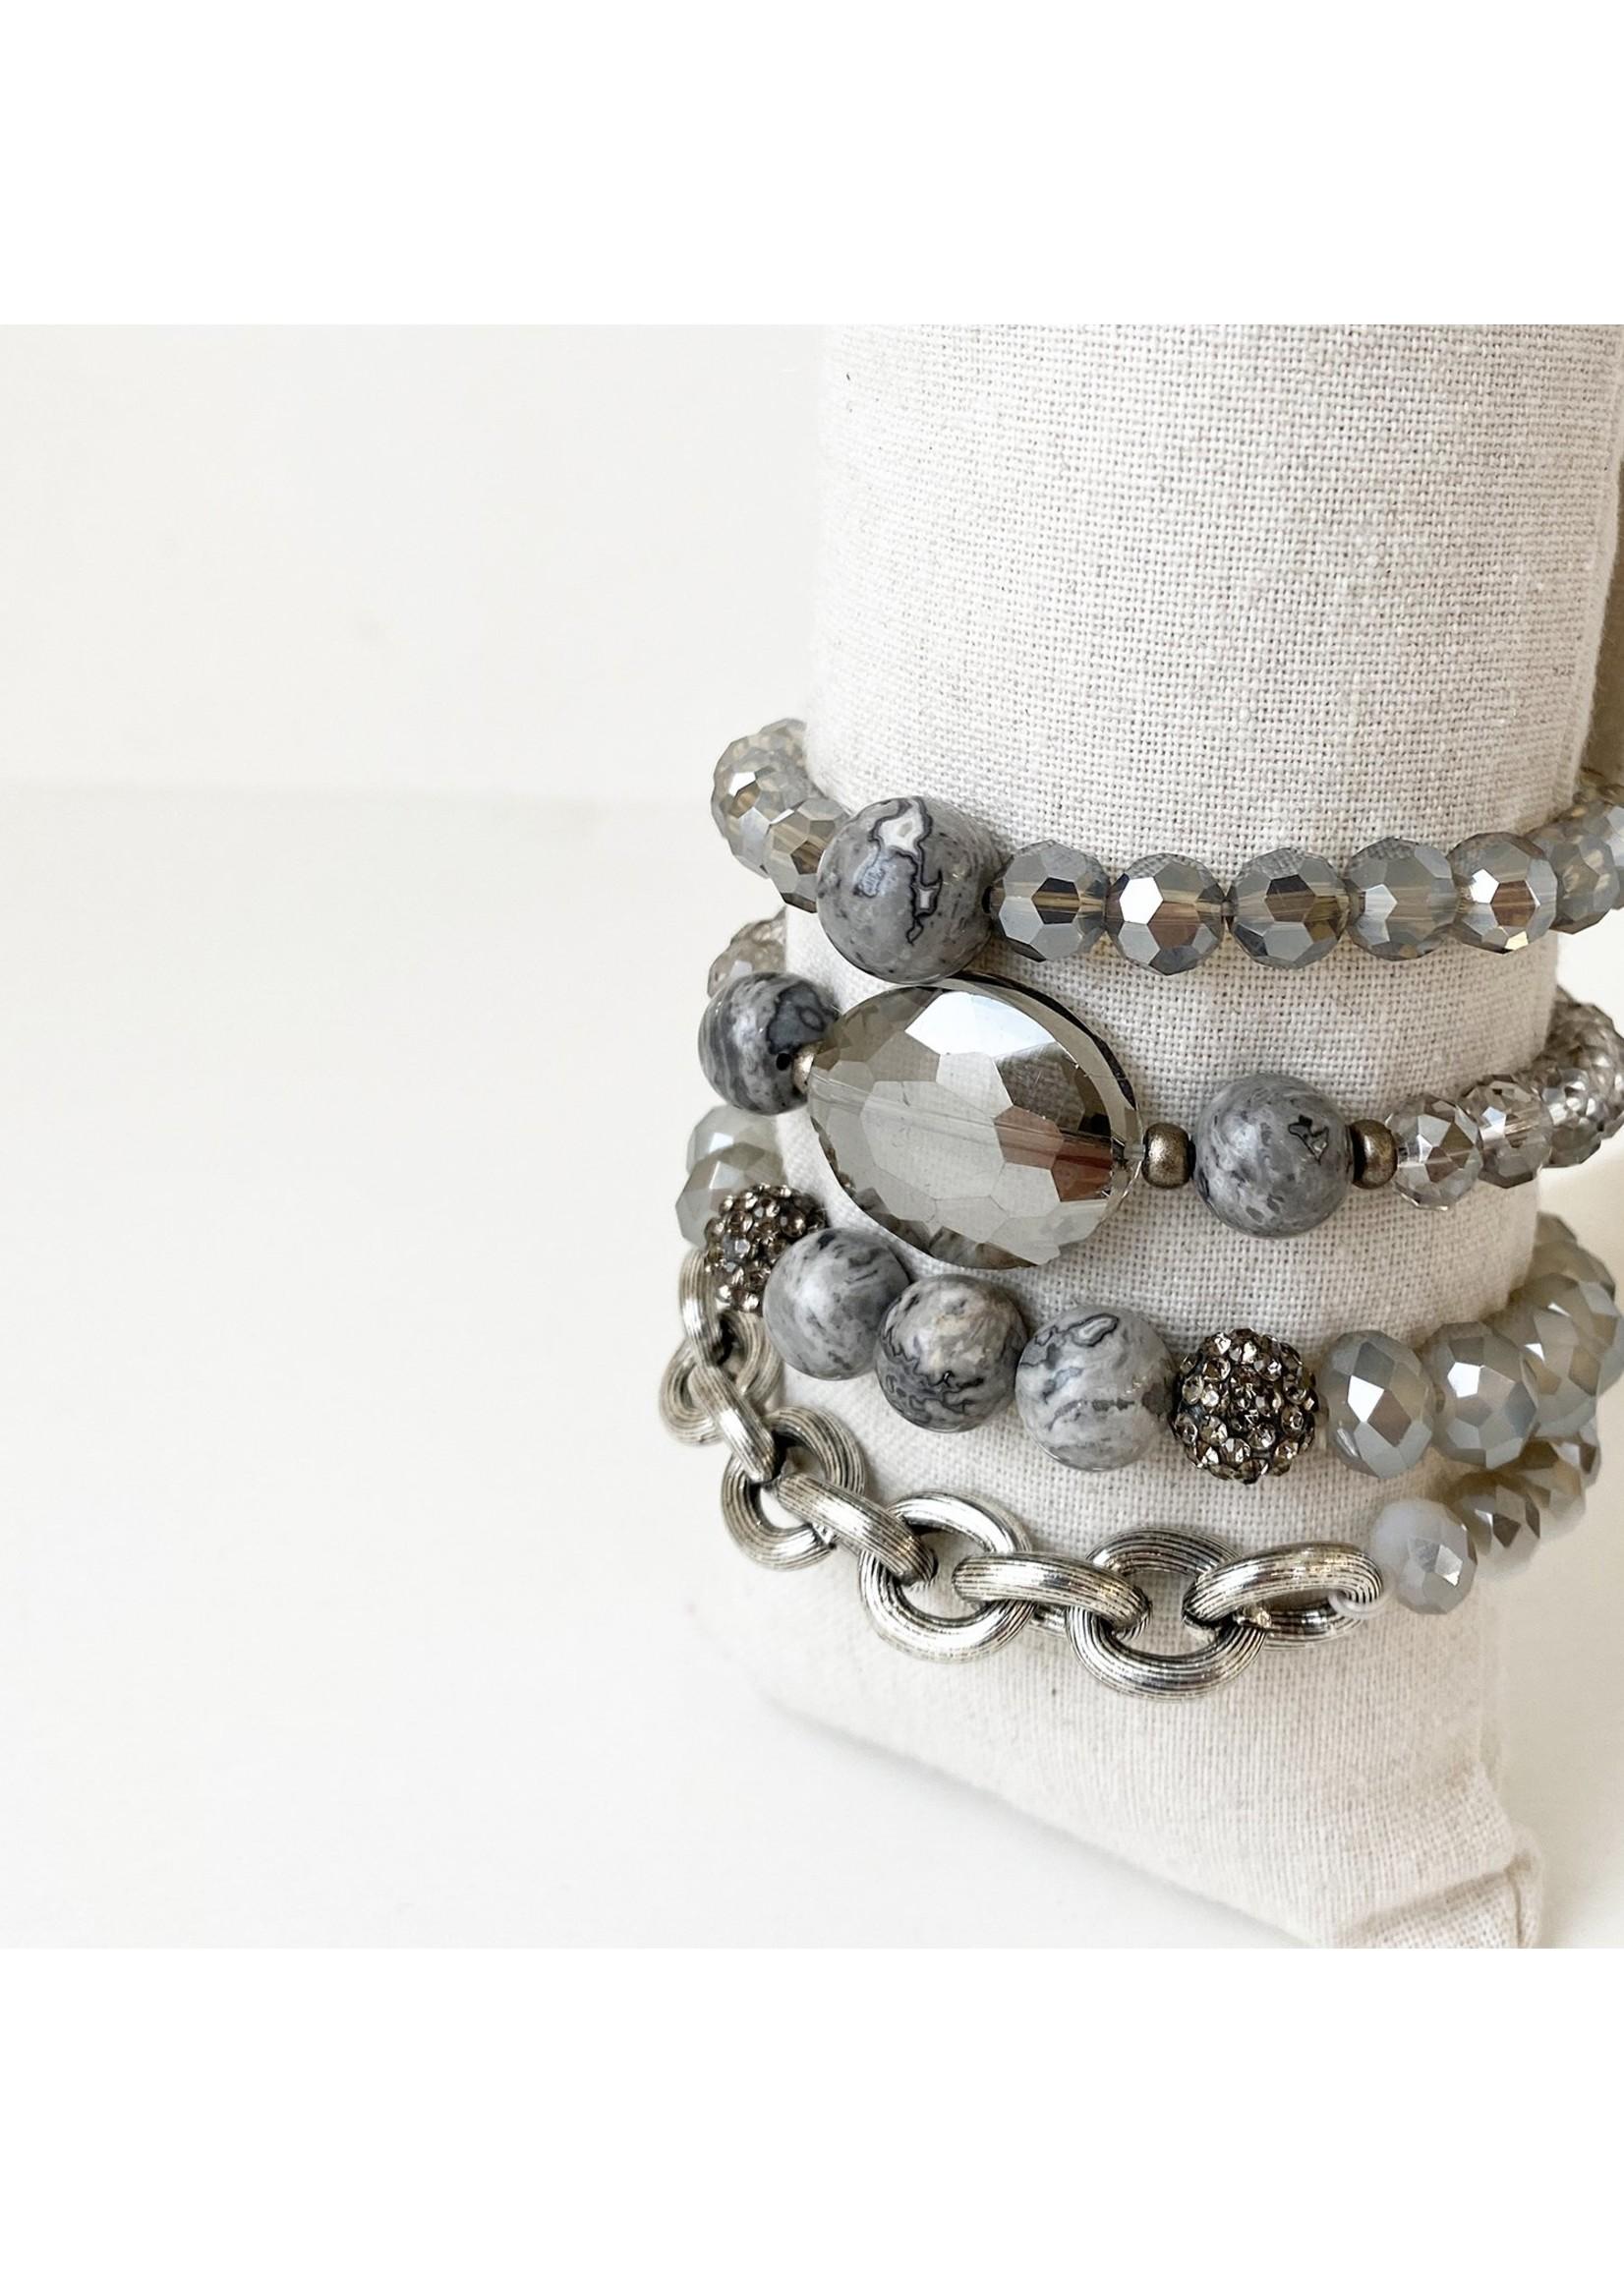 Stretch Bracelet With Glass Stones & Metal Beads